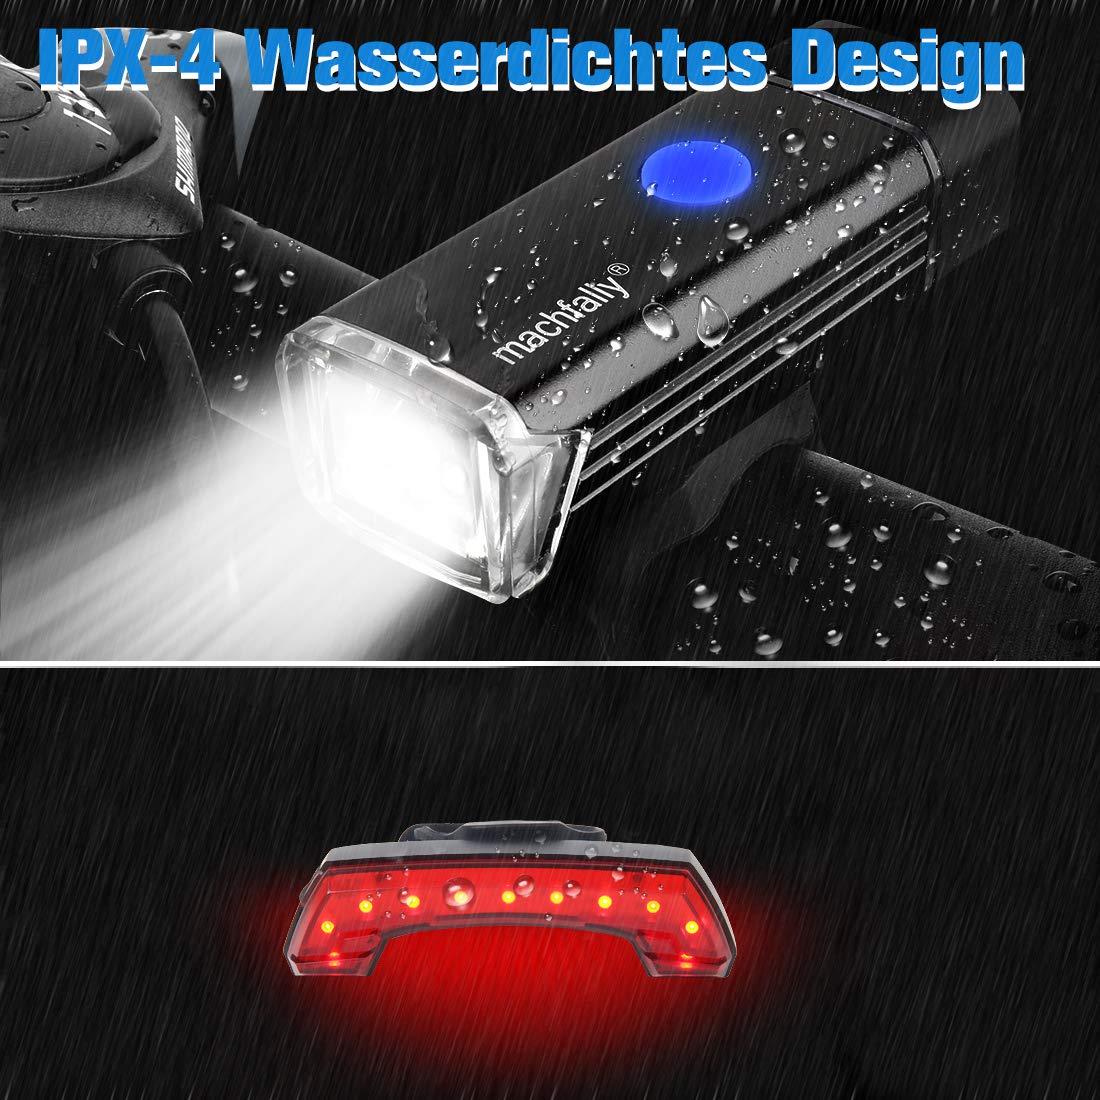 WATERFLY LED Fahrradlicht Set Wasserdichte Multifunktions LED Fahrrad Licht Set f/ür Outdoor Mountain Road Bike Fahrradbeleuchtung USB Wiederaufladbare Fahrrad Scheinwerfer mit LED R/ücklicht